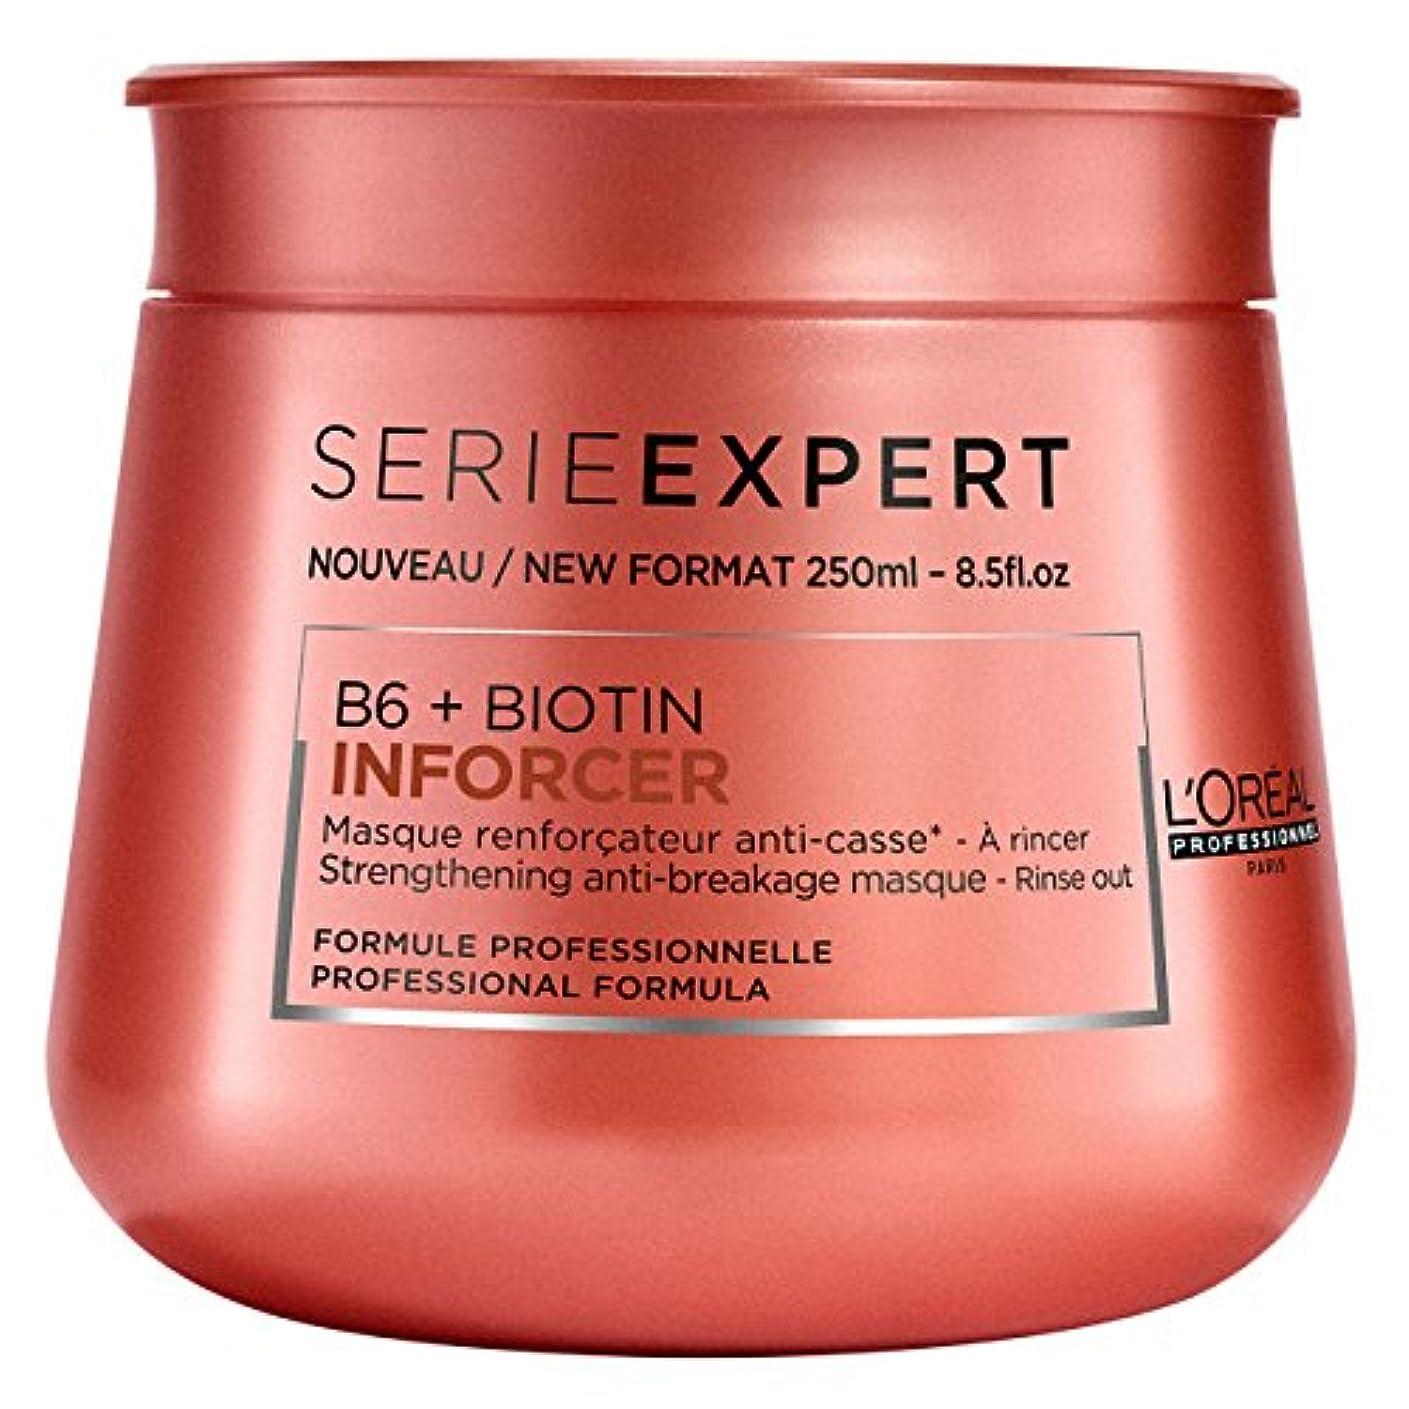 スキニーブース救援L'Oreal Serie Expert B6 + Biotin INFORCER Strengthening Anti-Breakage Masque 250 ml [並行輸入品]